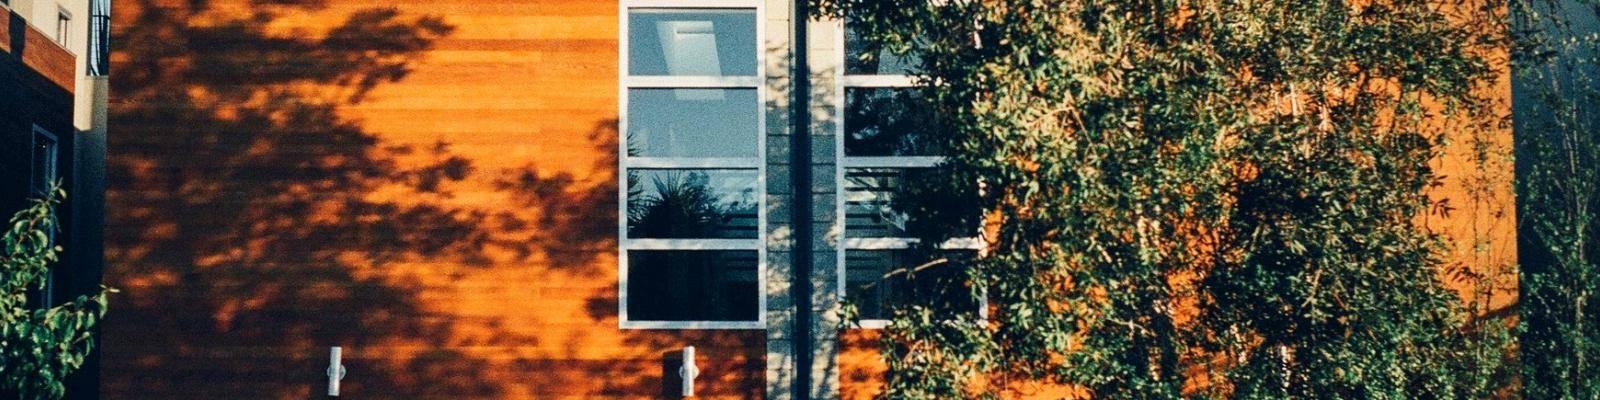 gevel huis met ramen en begroeiing